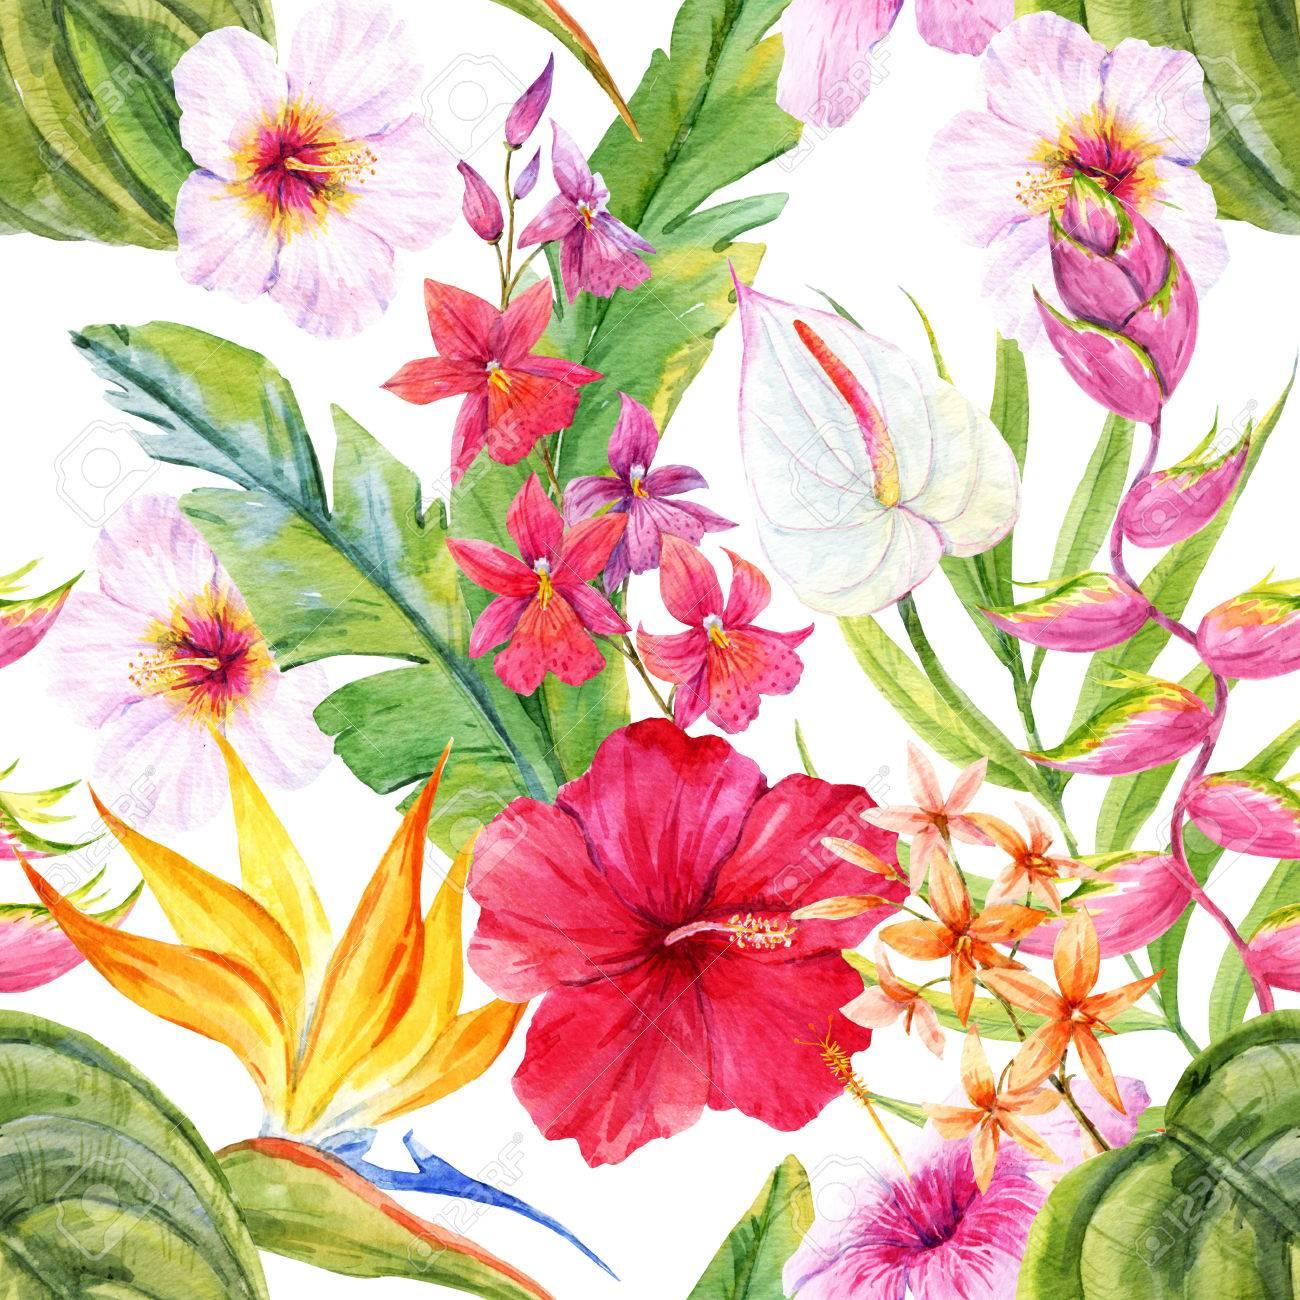 Banque d\u0027images , Beau motif avec la main aquarelle dessinée fleurs  tropicales et de feuilles